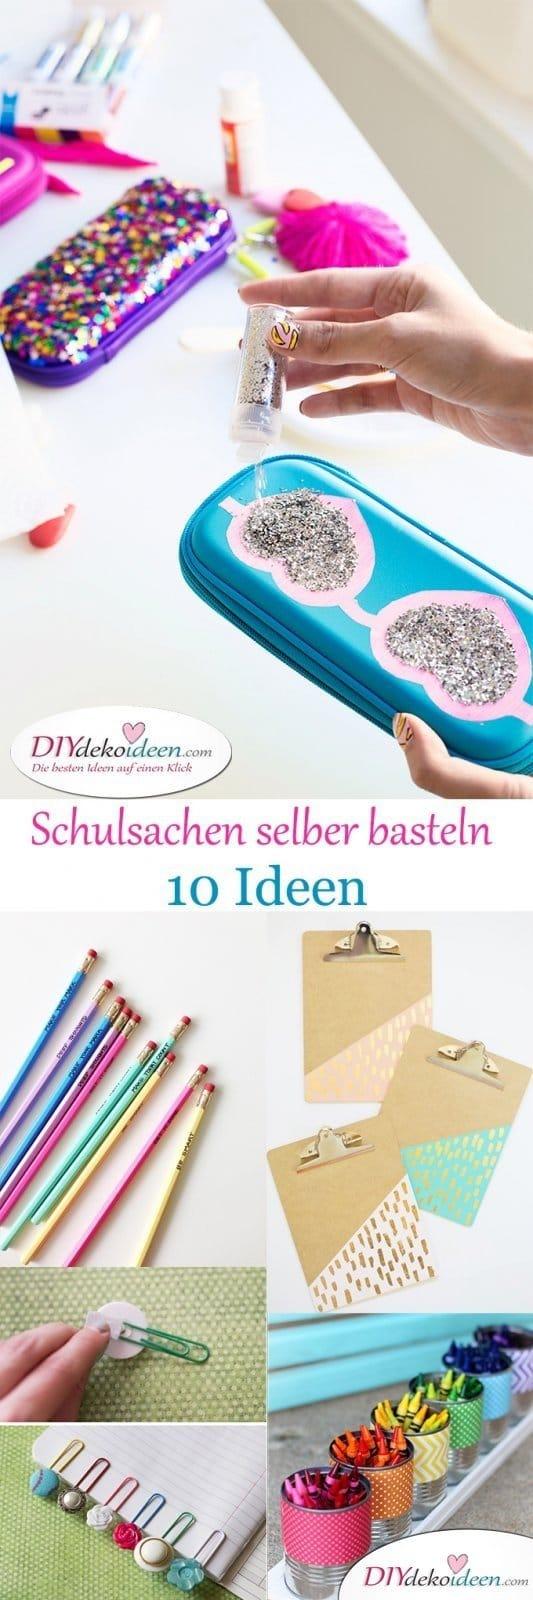 Schulsachen selber basteln mit diesen tollen DIY Bastelideen